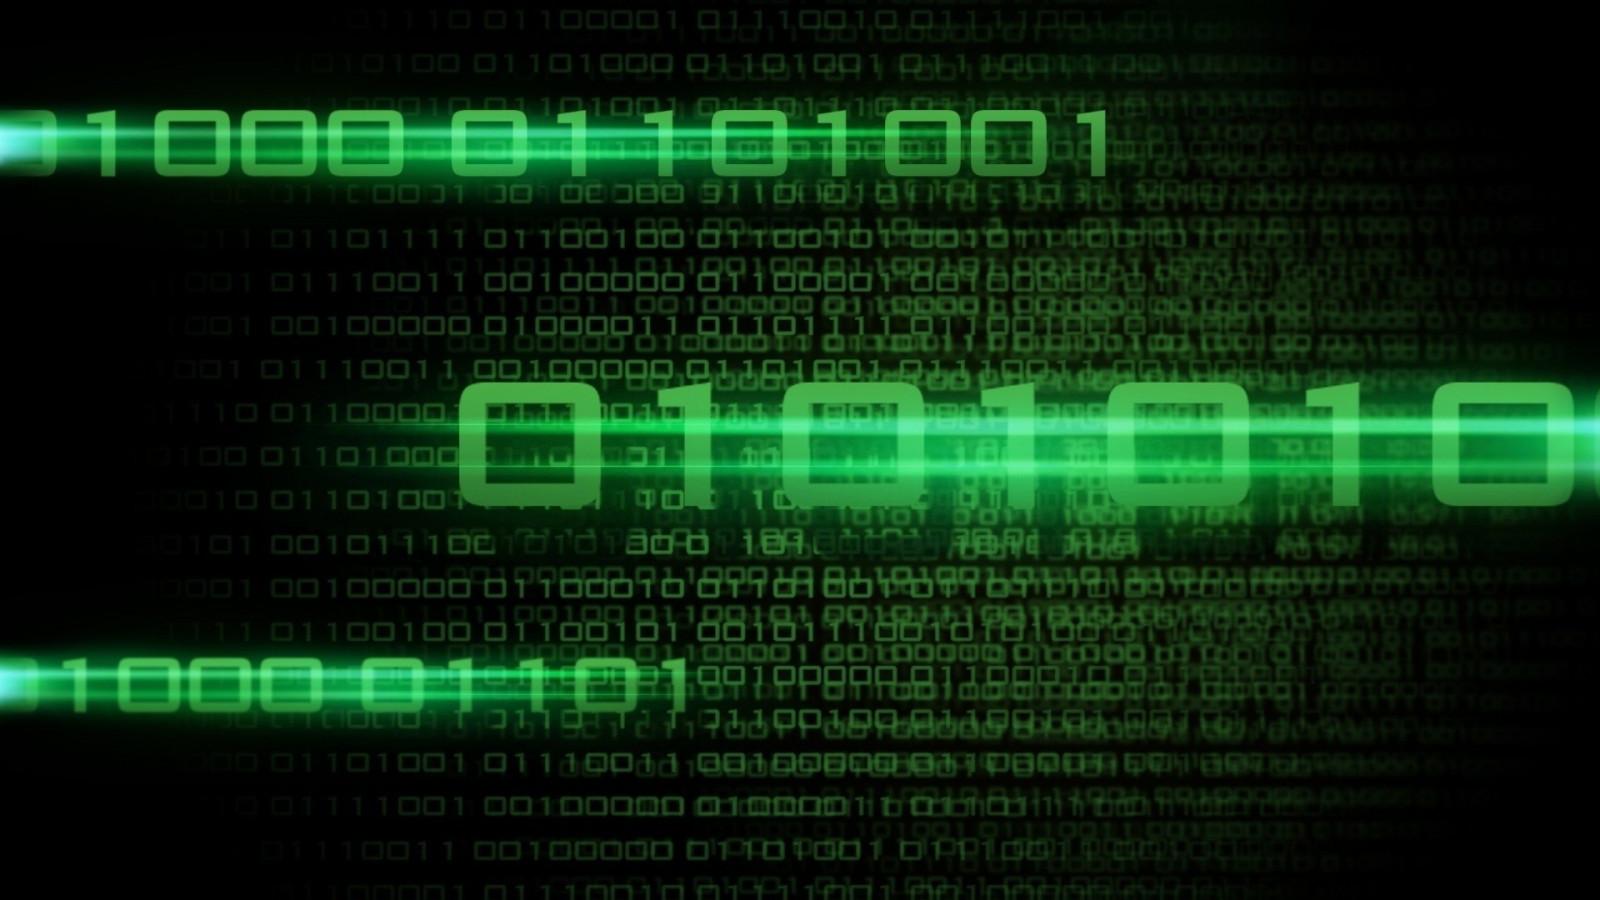 Sfondi Arte Digitale Sfondo Nero Neon Testo Numeri Verde